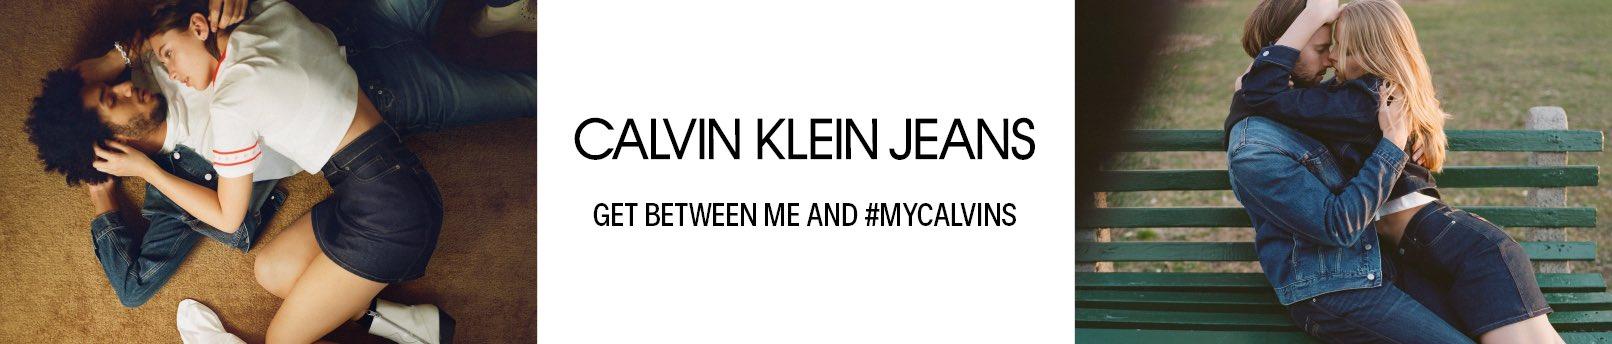 Découvrez Calvin Klein Jeans